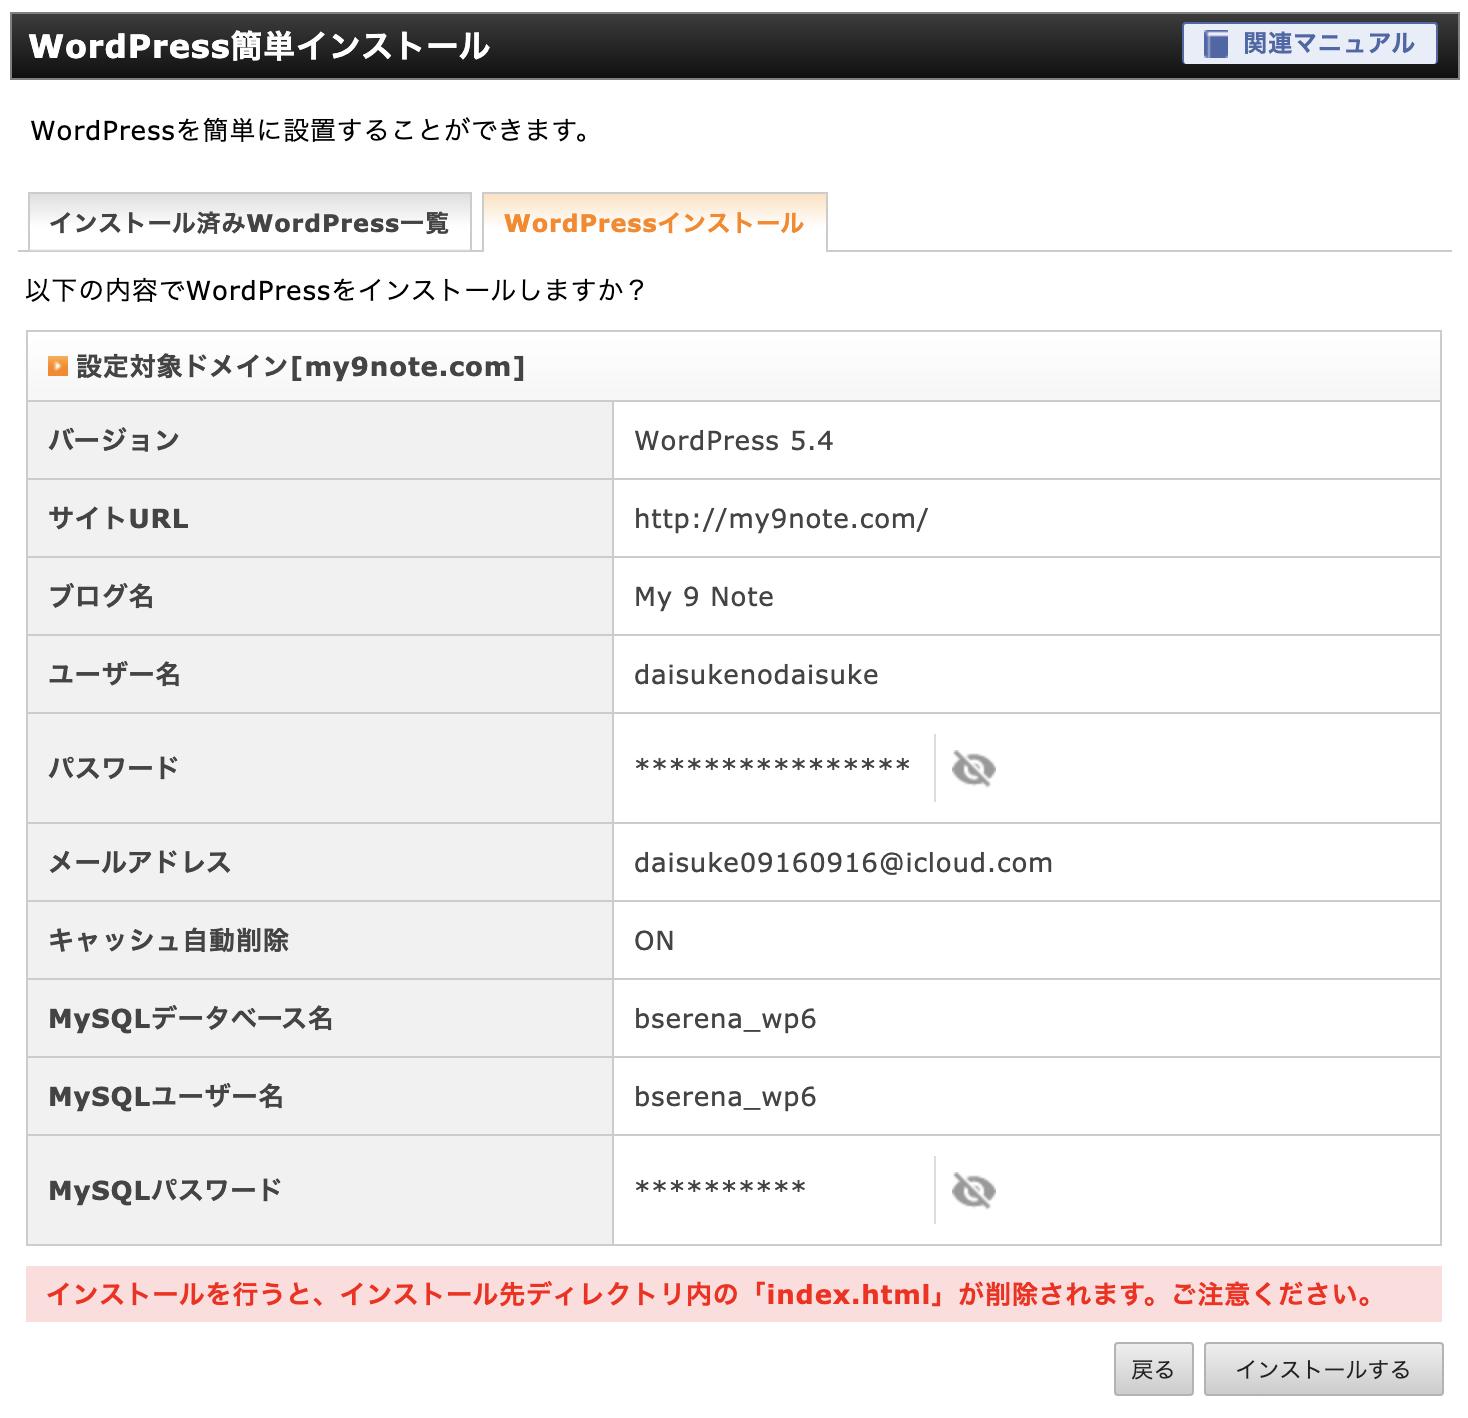 スクリーンショット 2020-05-07 23.41.54